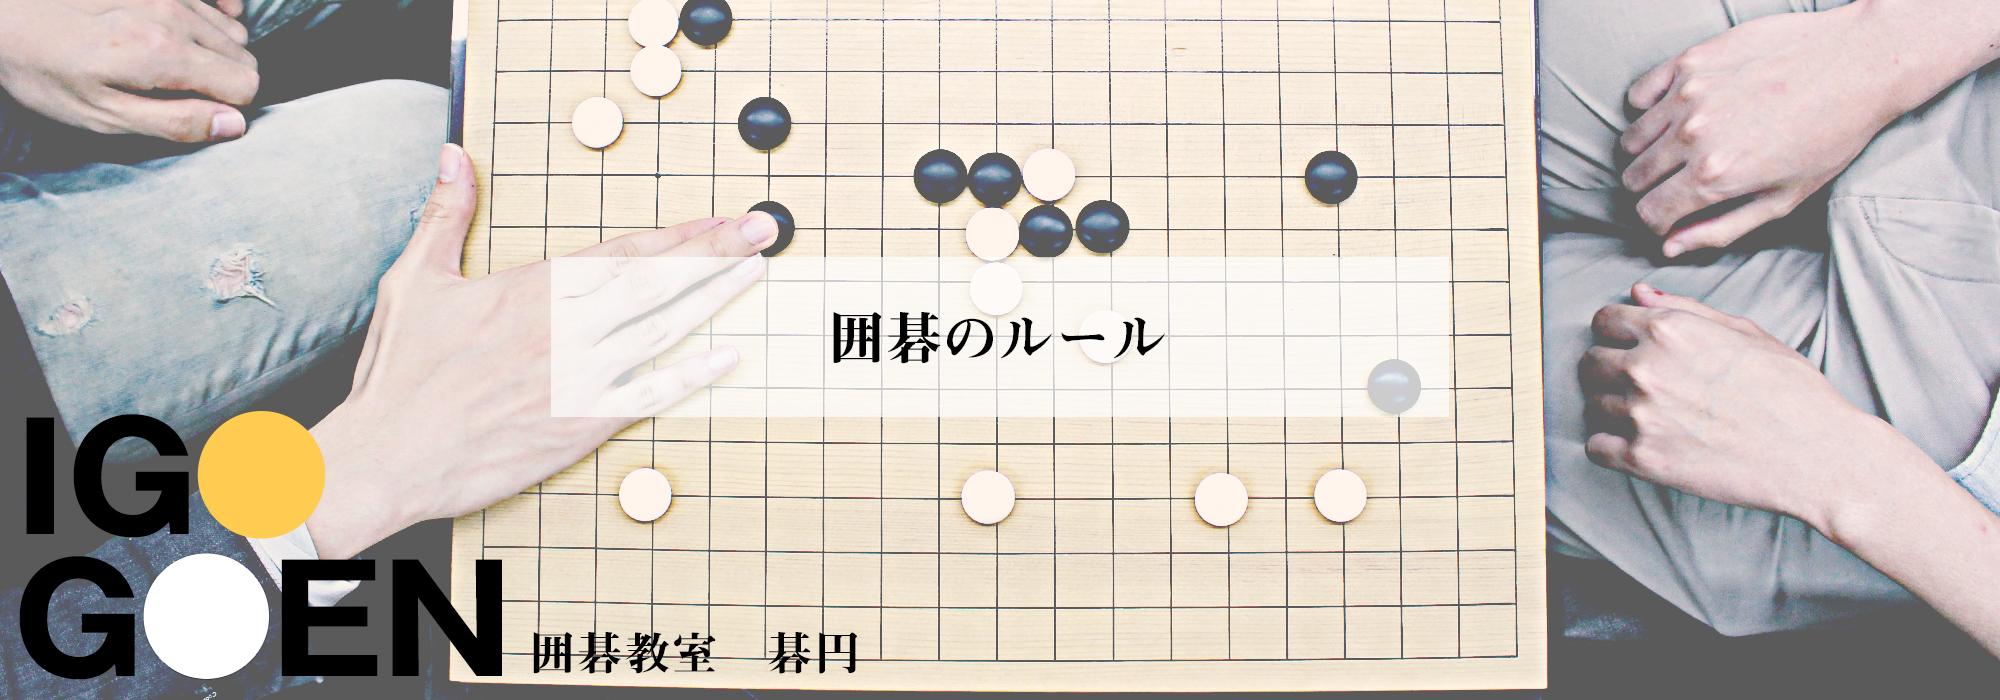 囲碁のルール